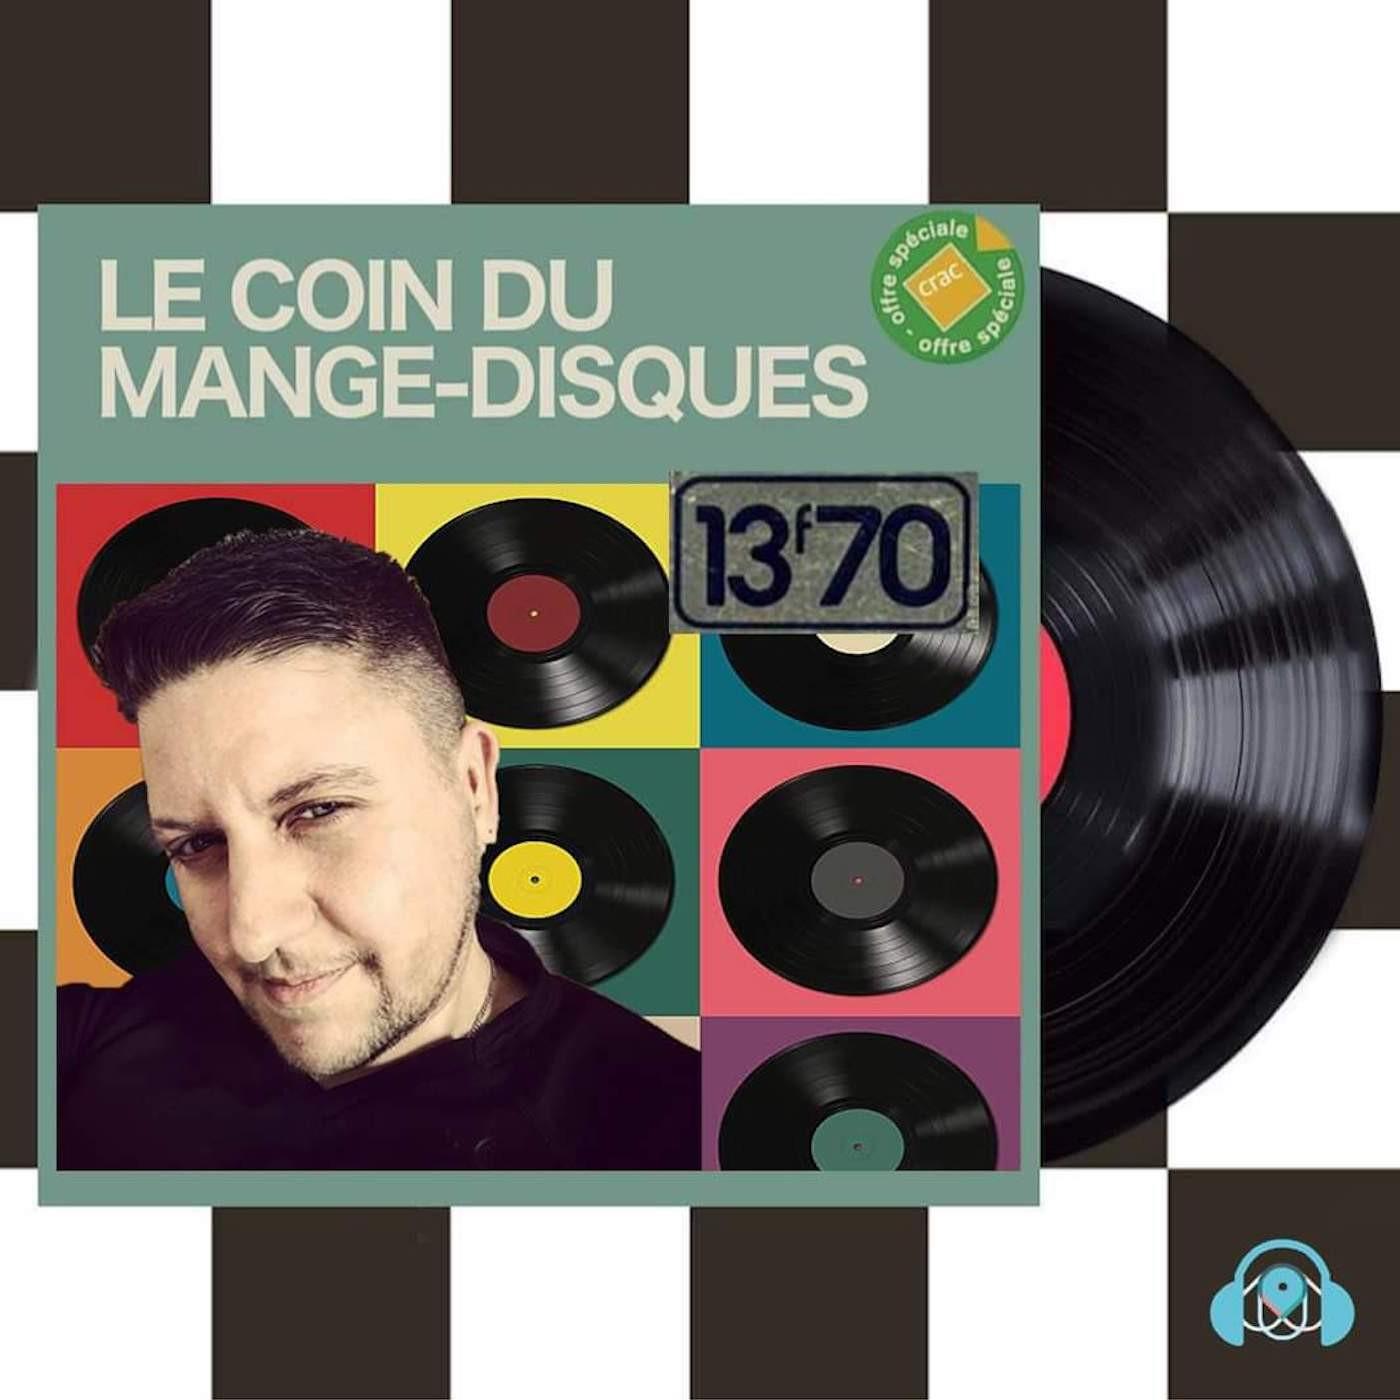 LE COIN DU MANGE-DISQUES S1E12 - Mémé